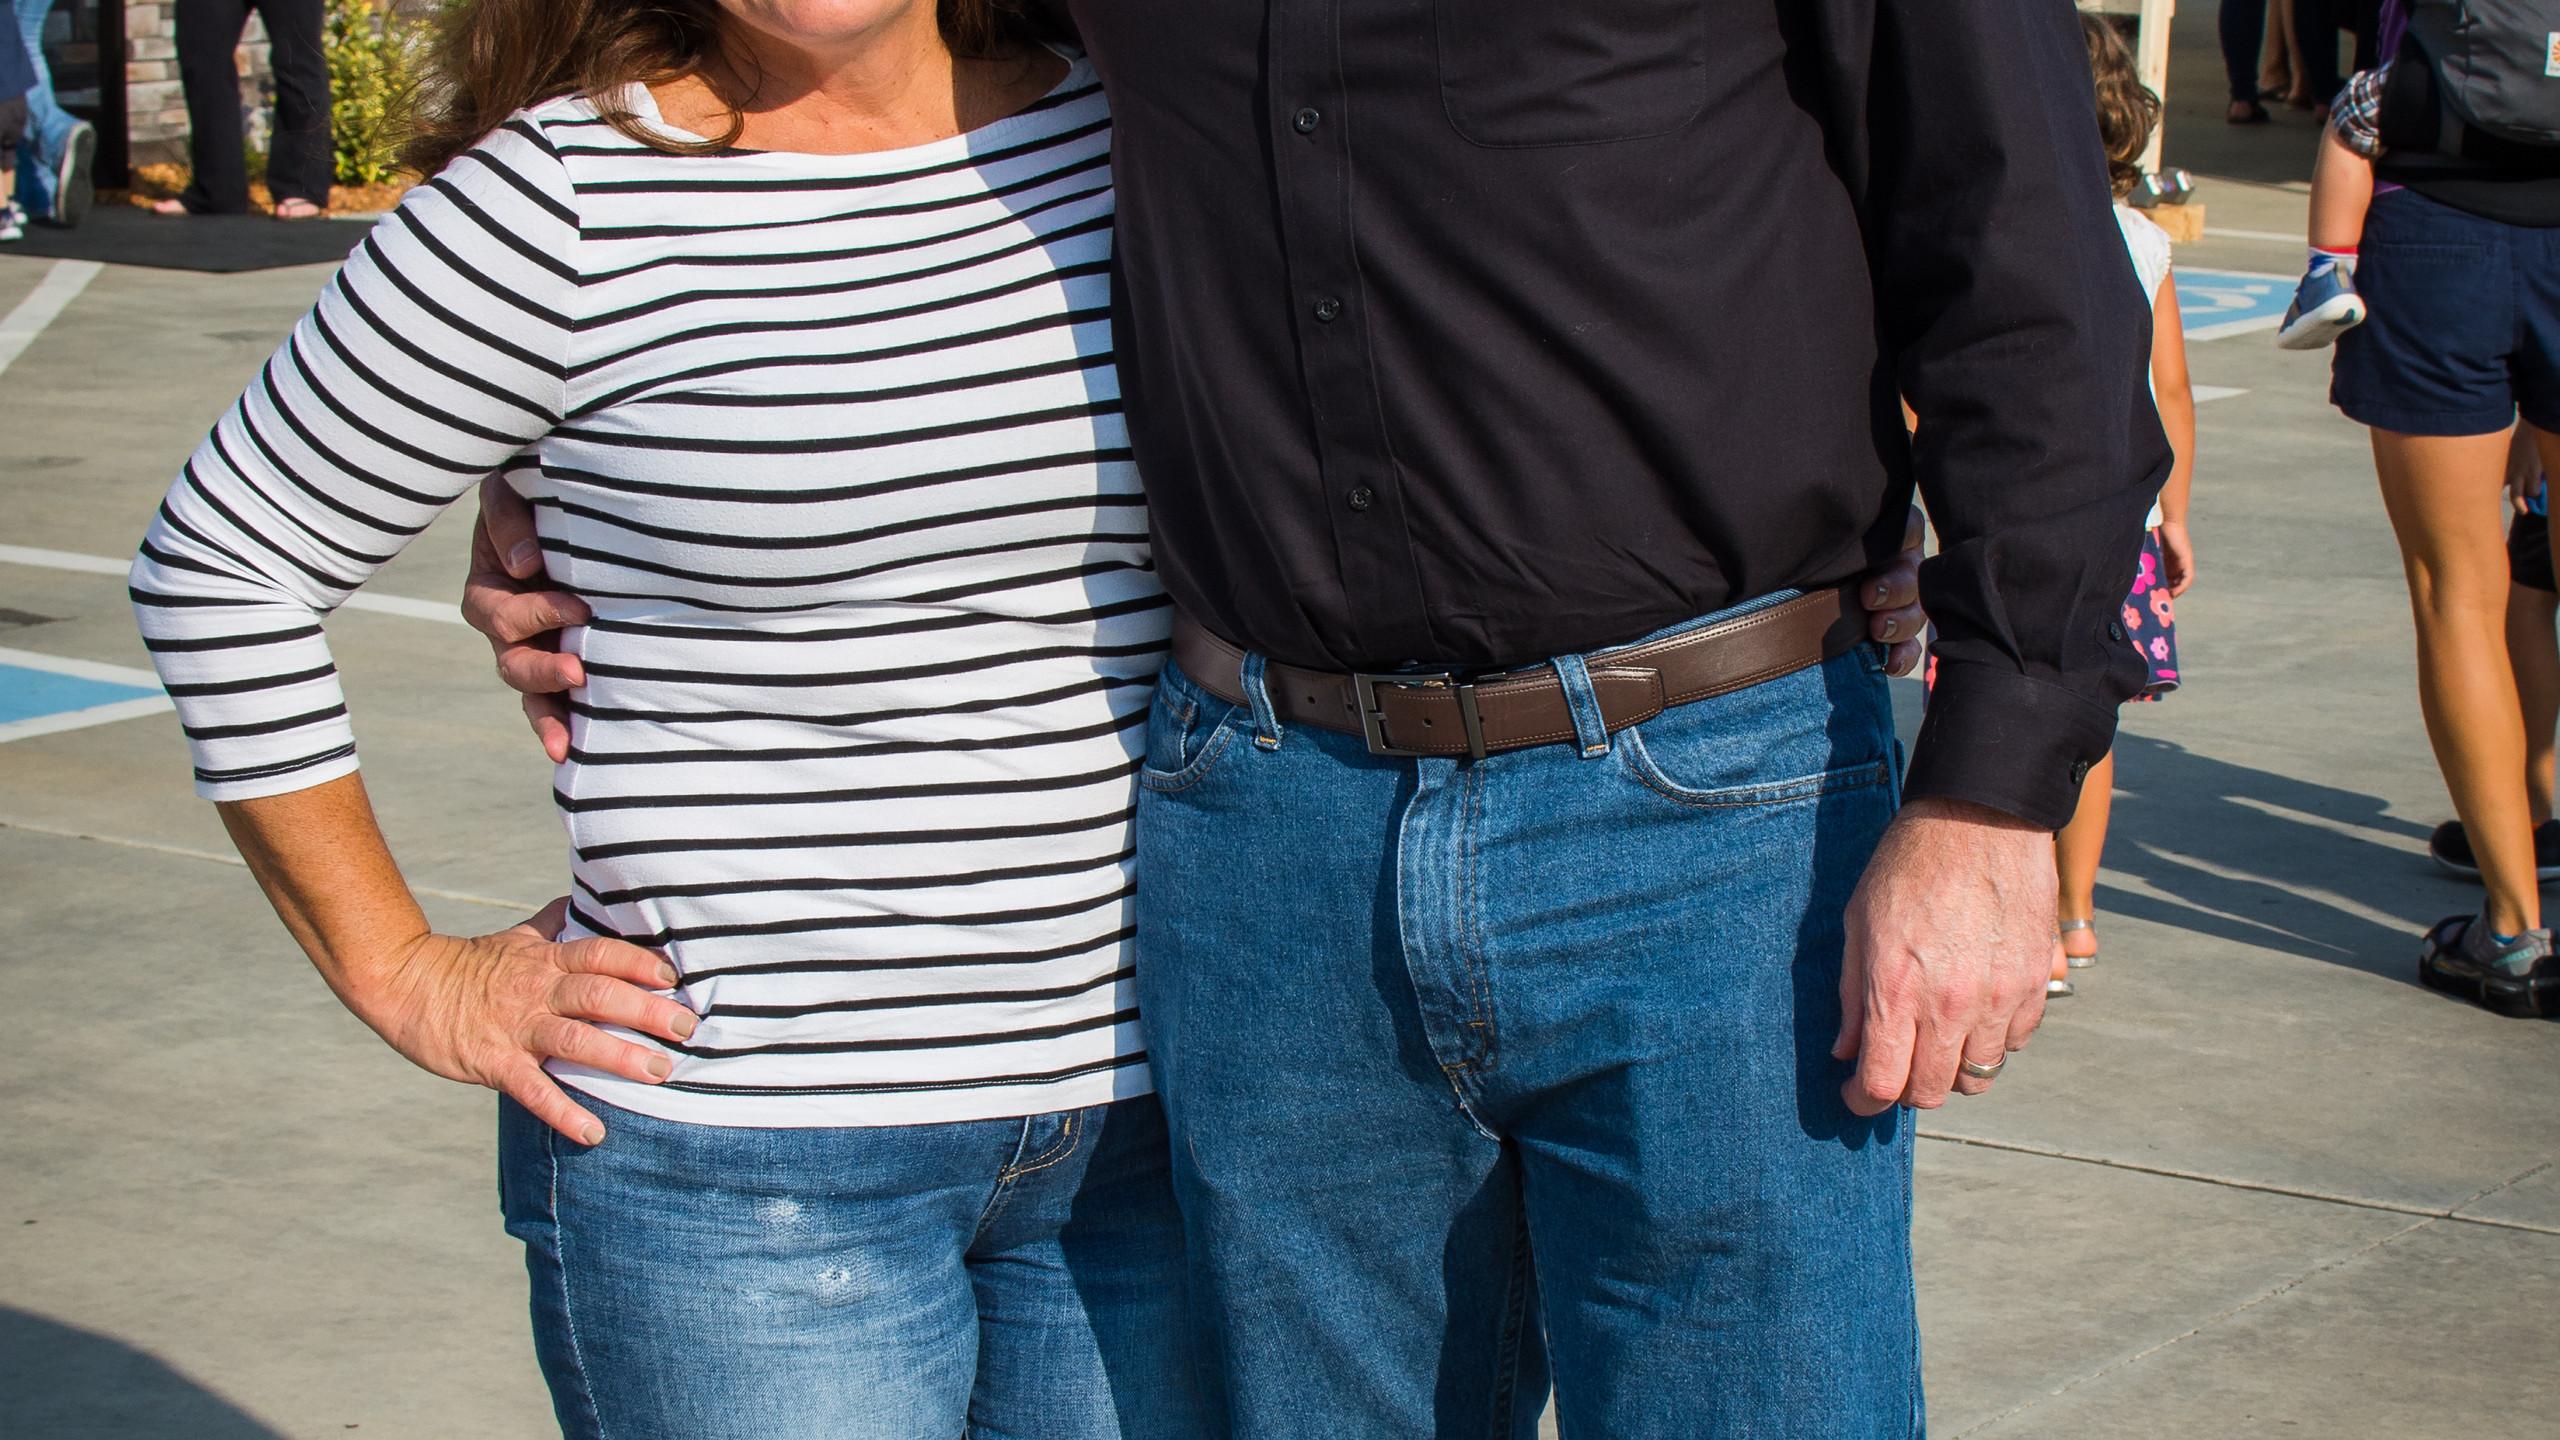 Natalia and Todd Harris